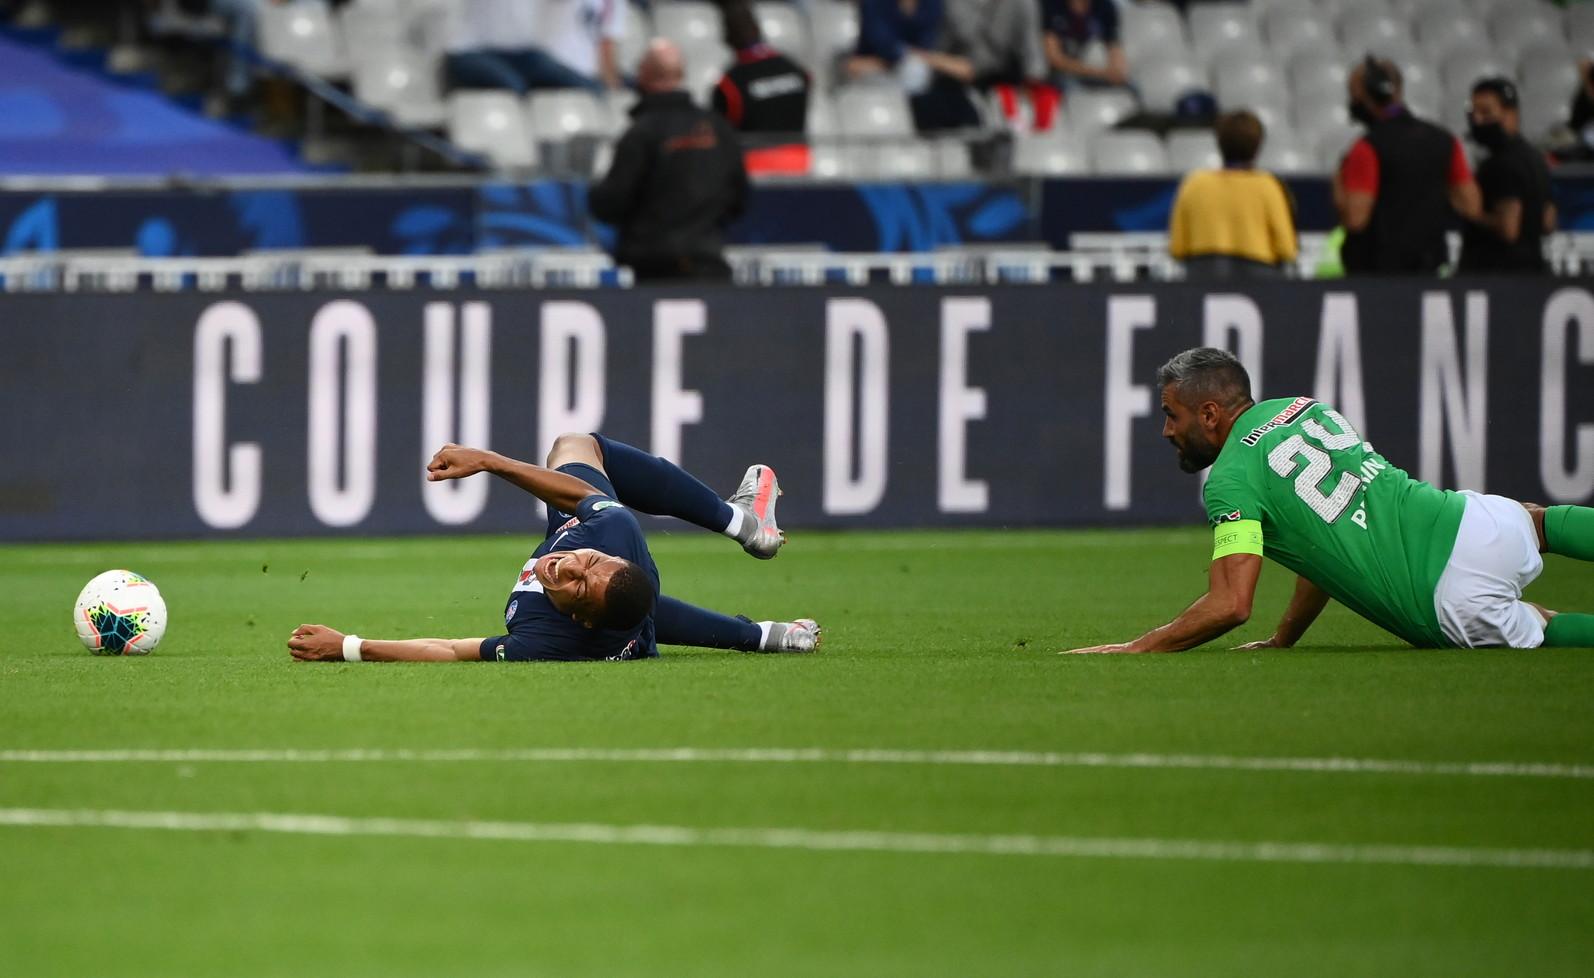 Il francese è uscito dal campo in lacrime dopo un violentissimo tackle di Perrin